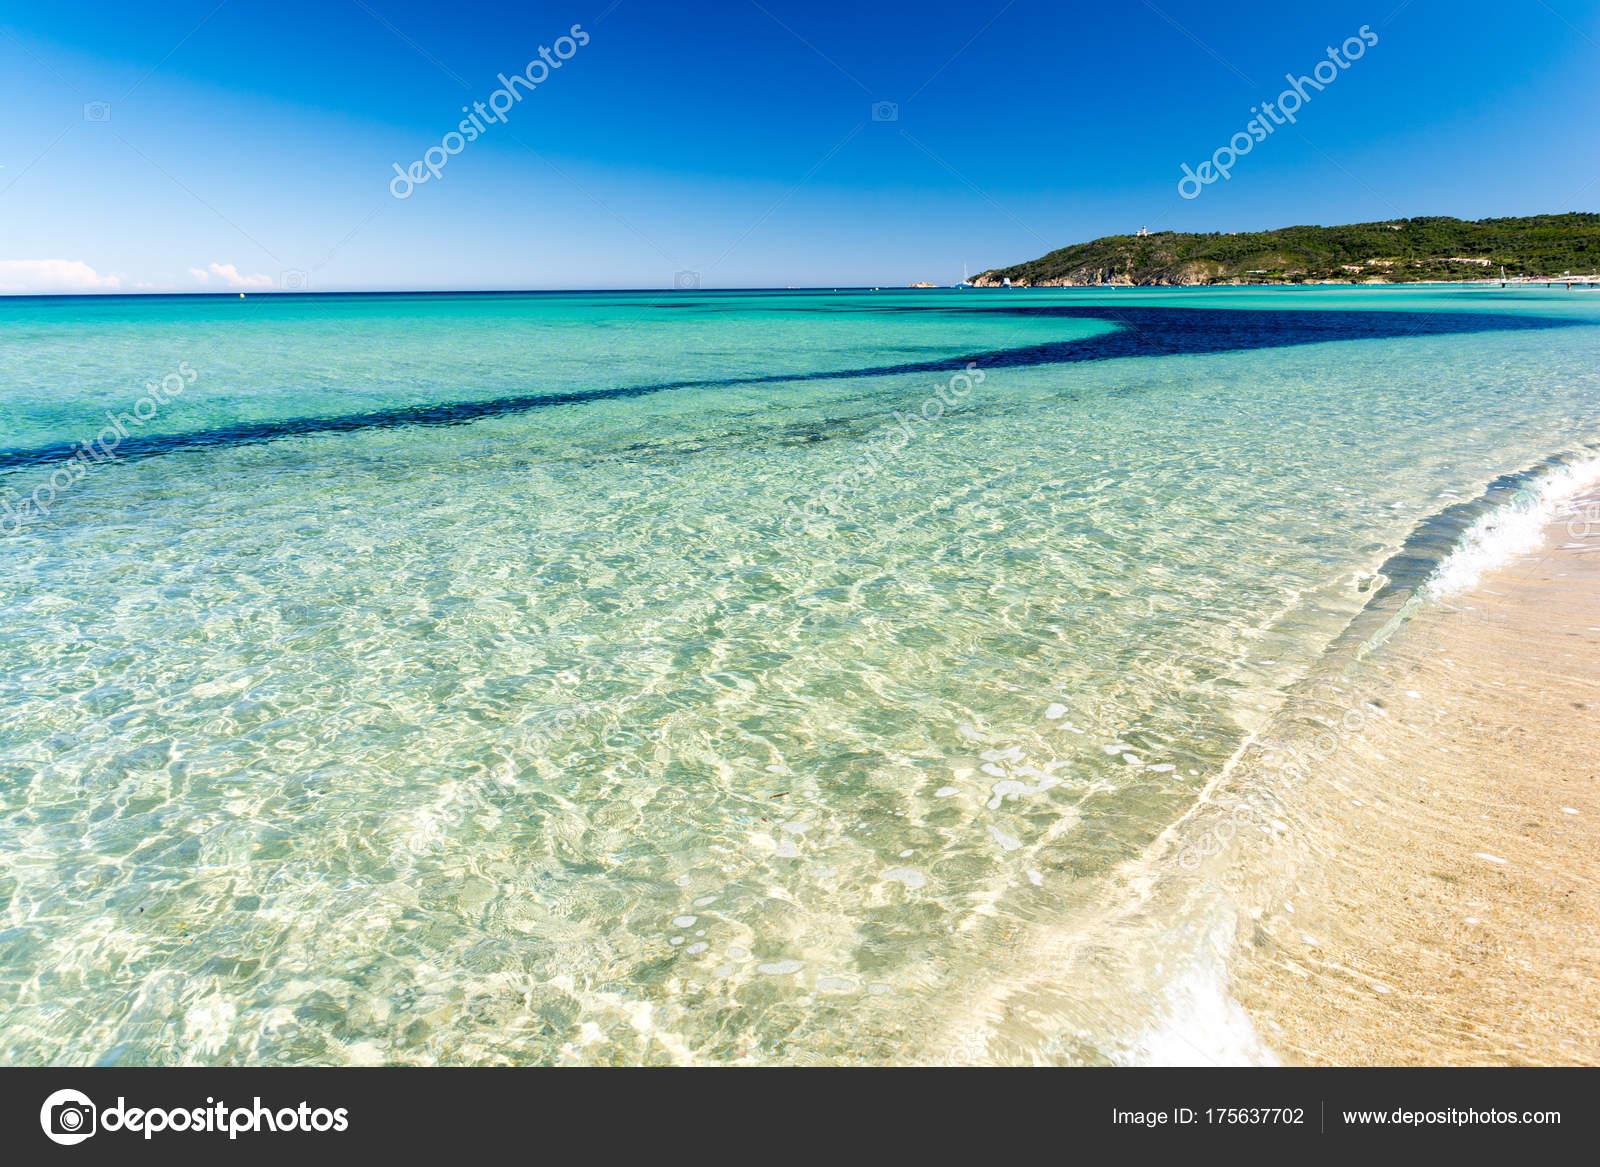 Kristal Helder Water Pampelonne Strand Buurt Van Saint Tropez Franse